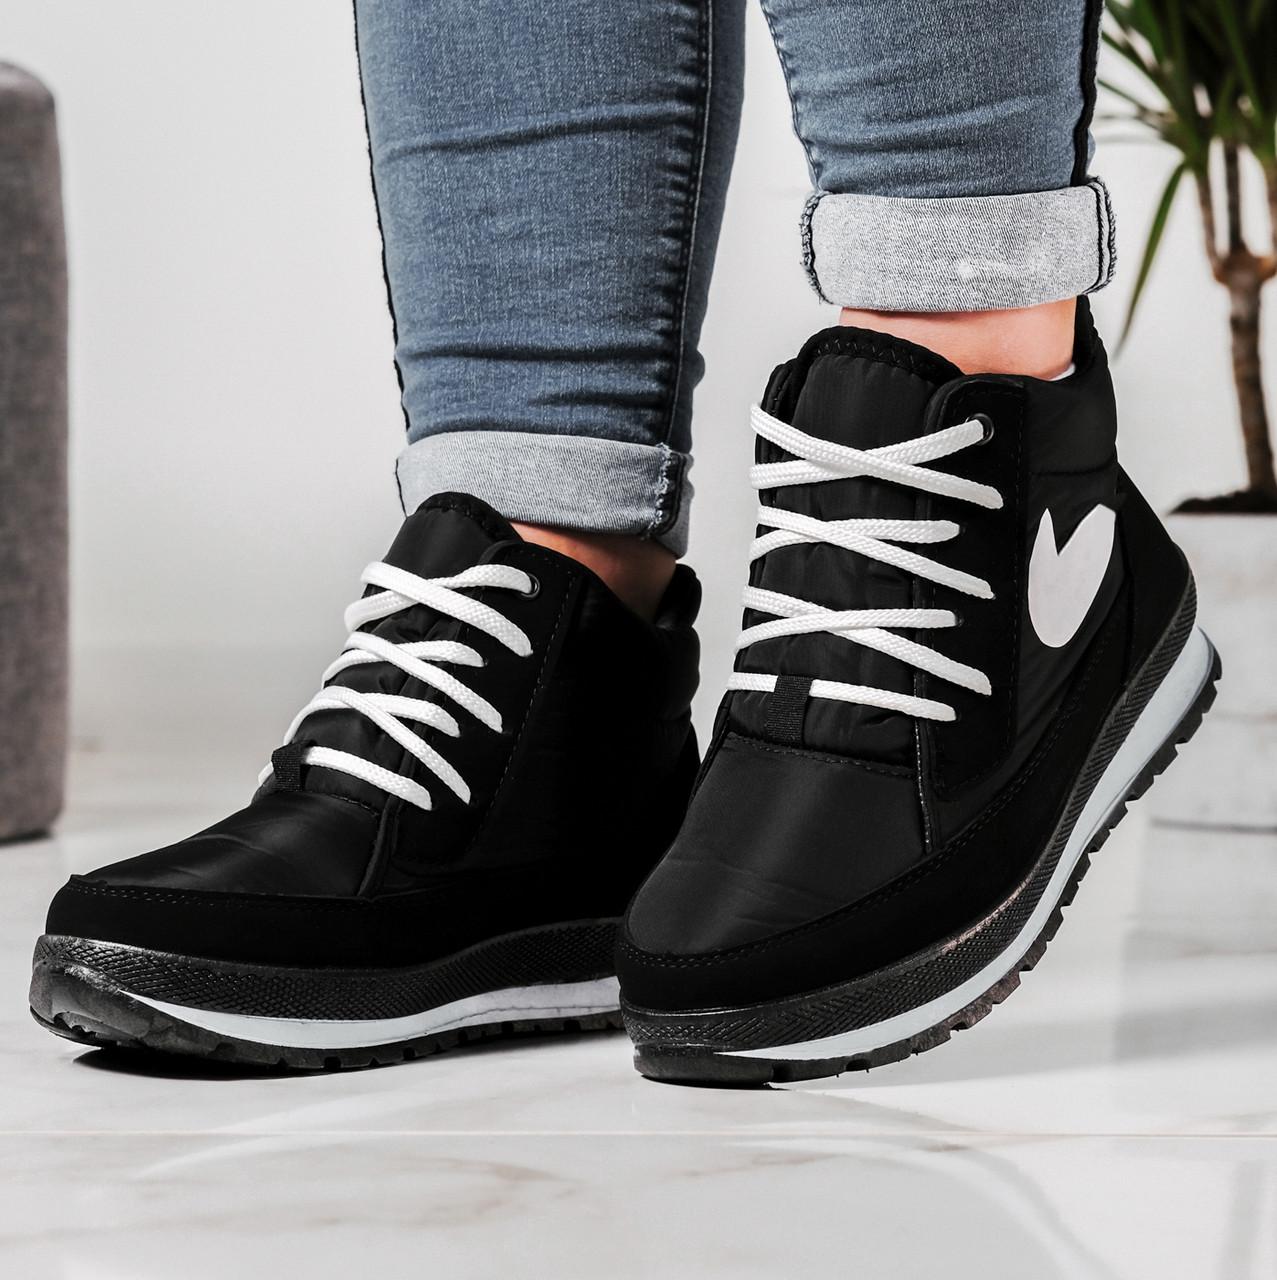 Черевики жіночі кросівки на хутрі утеплені (БТ-6н)